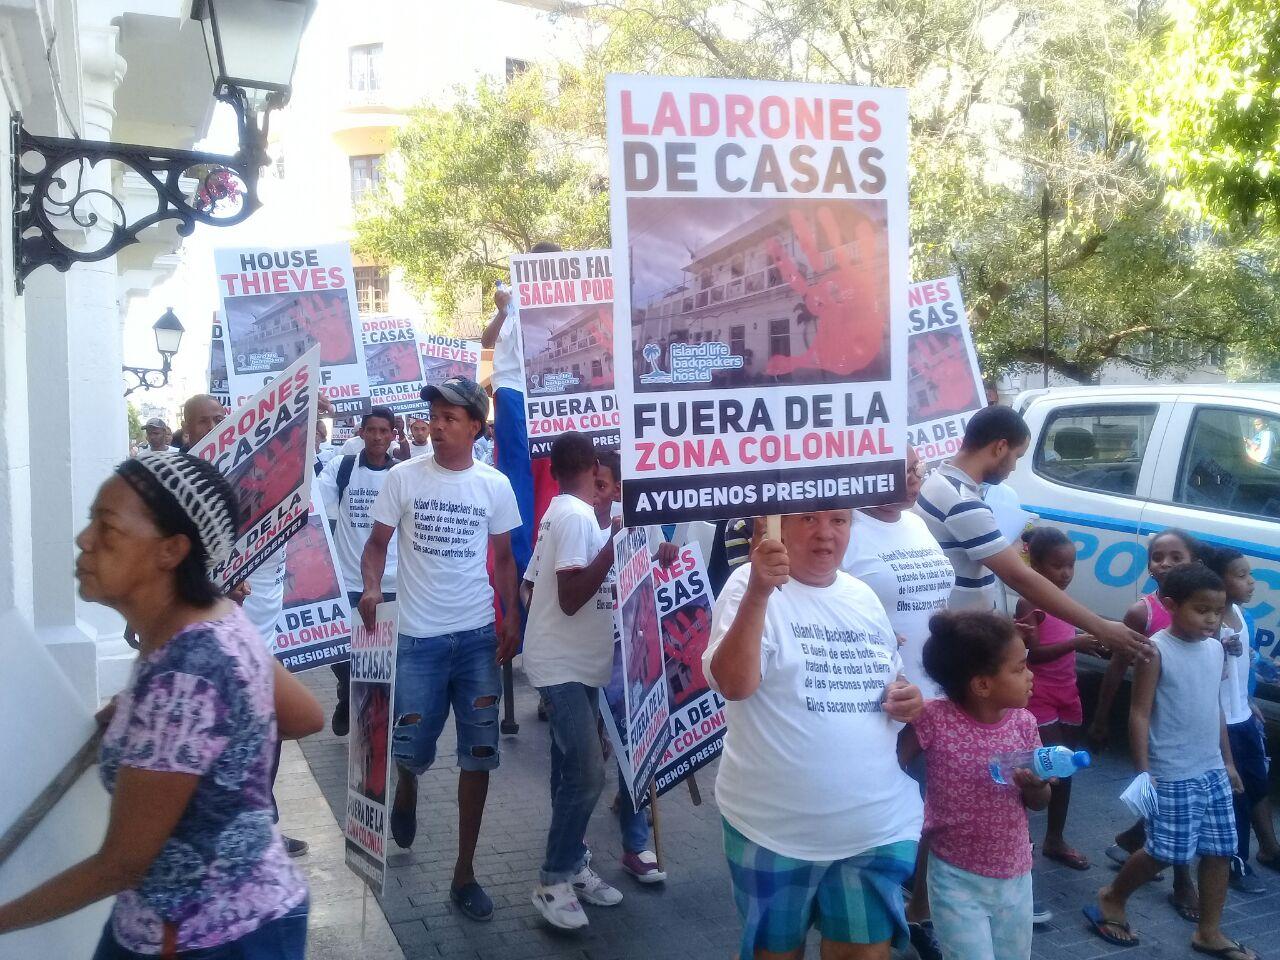 Decenas de personas marchan en la Zona Colonial en repudio a un desalojo